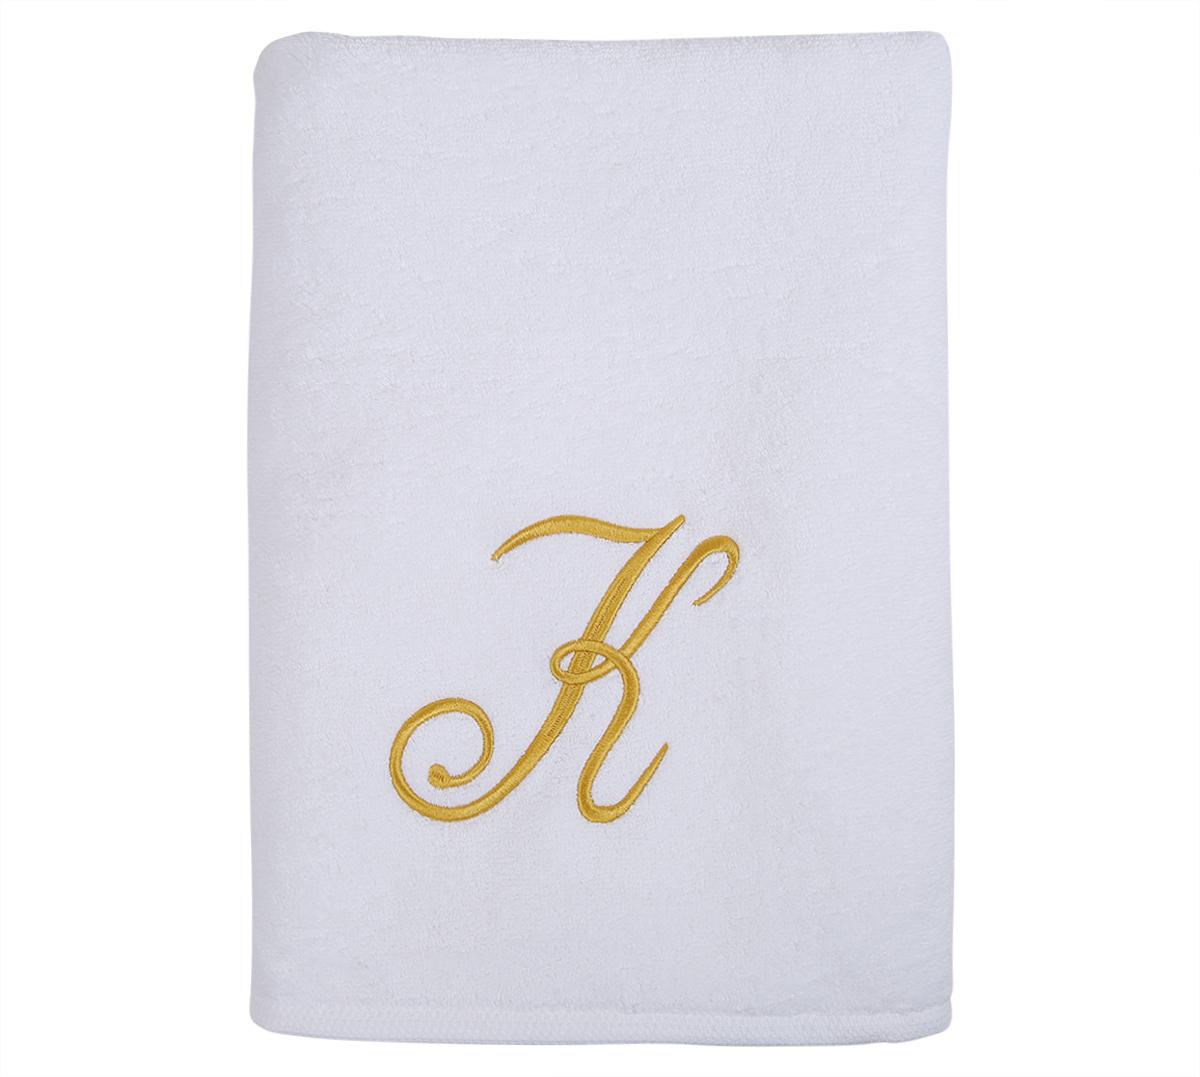 Alphabet Bath Towel 70x140cm Letter K